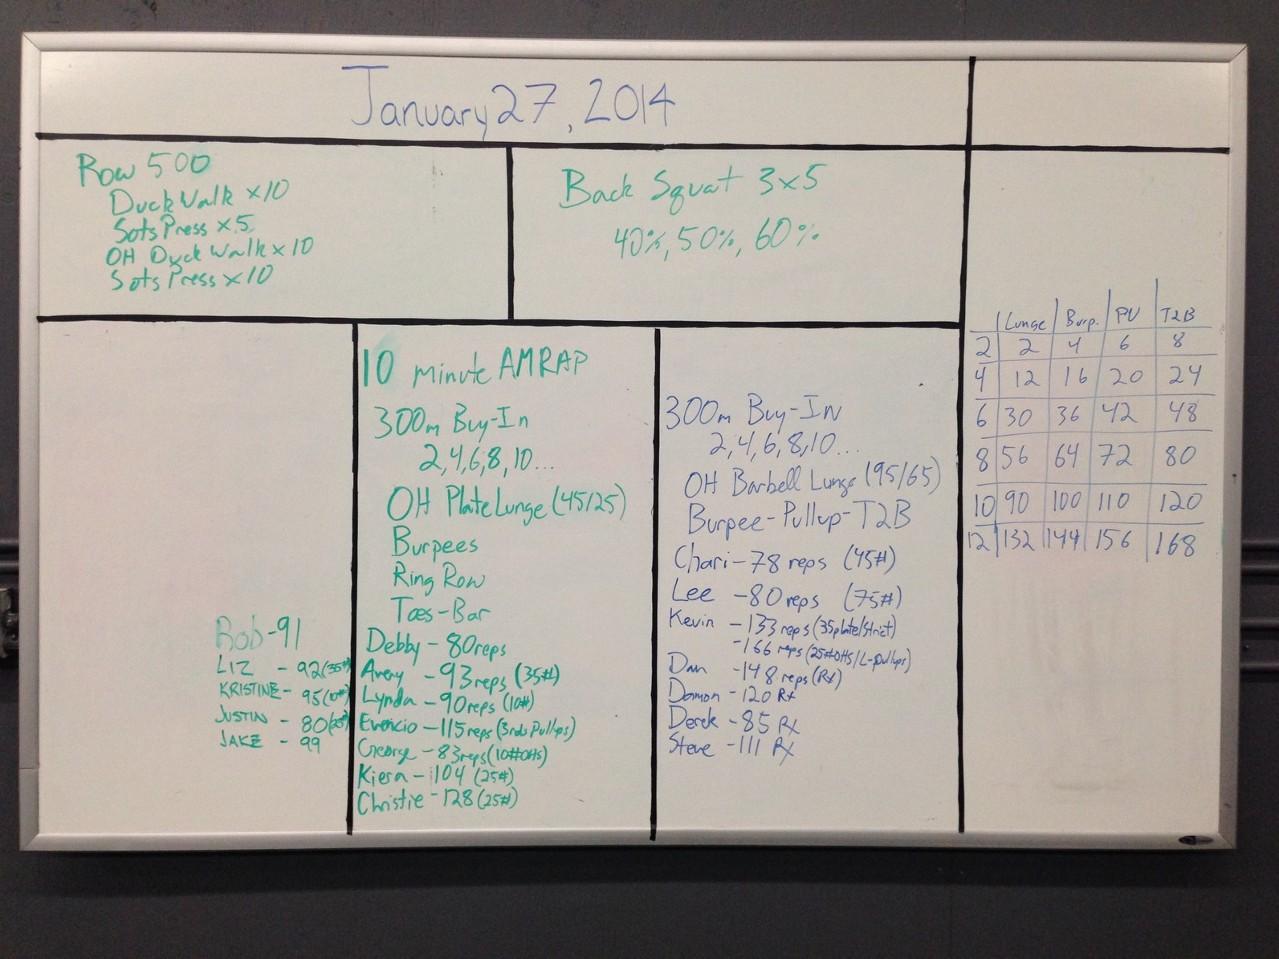 Jan 27 WOD Results